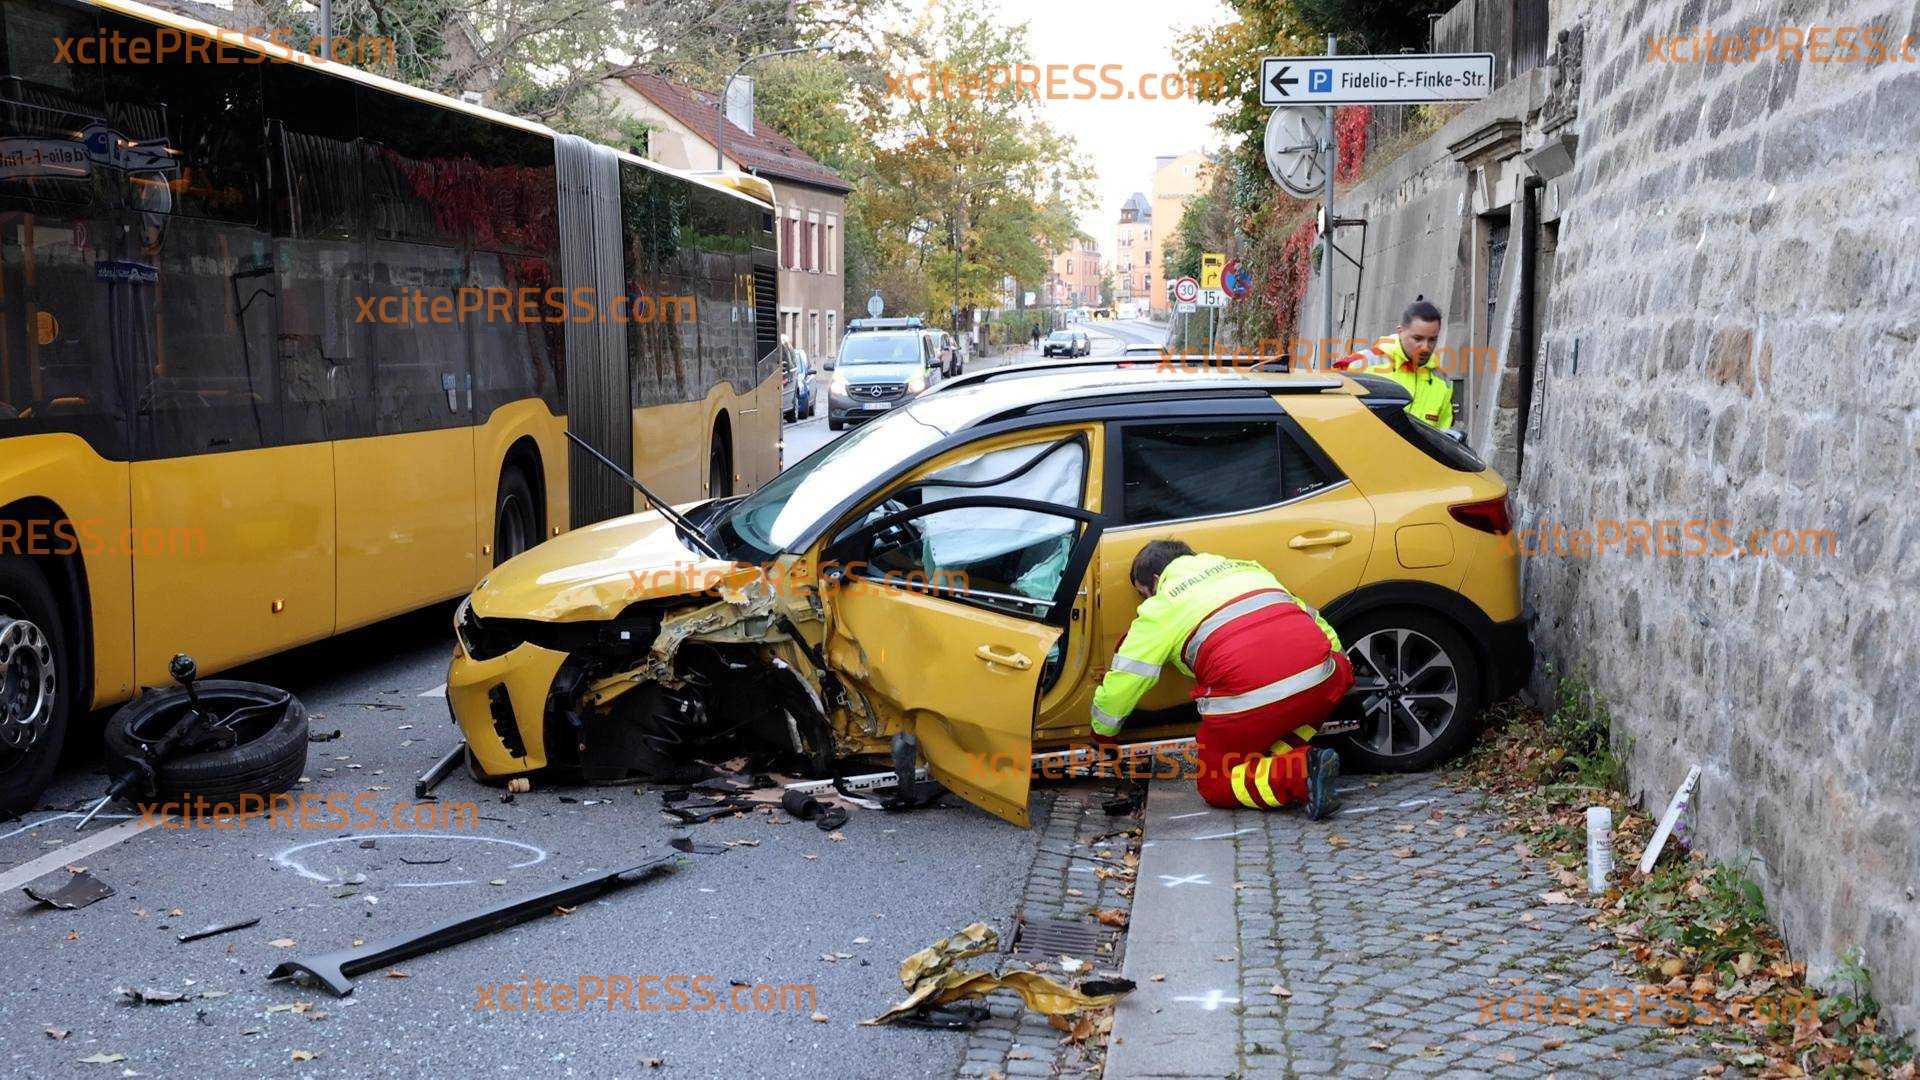 PKW kommt in Gegenverkehr und kollidiert mit Bus: Zwei Verletzte